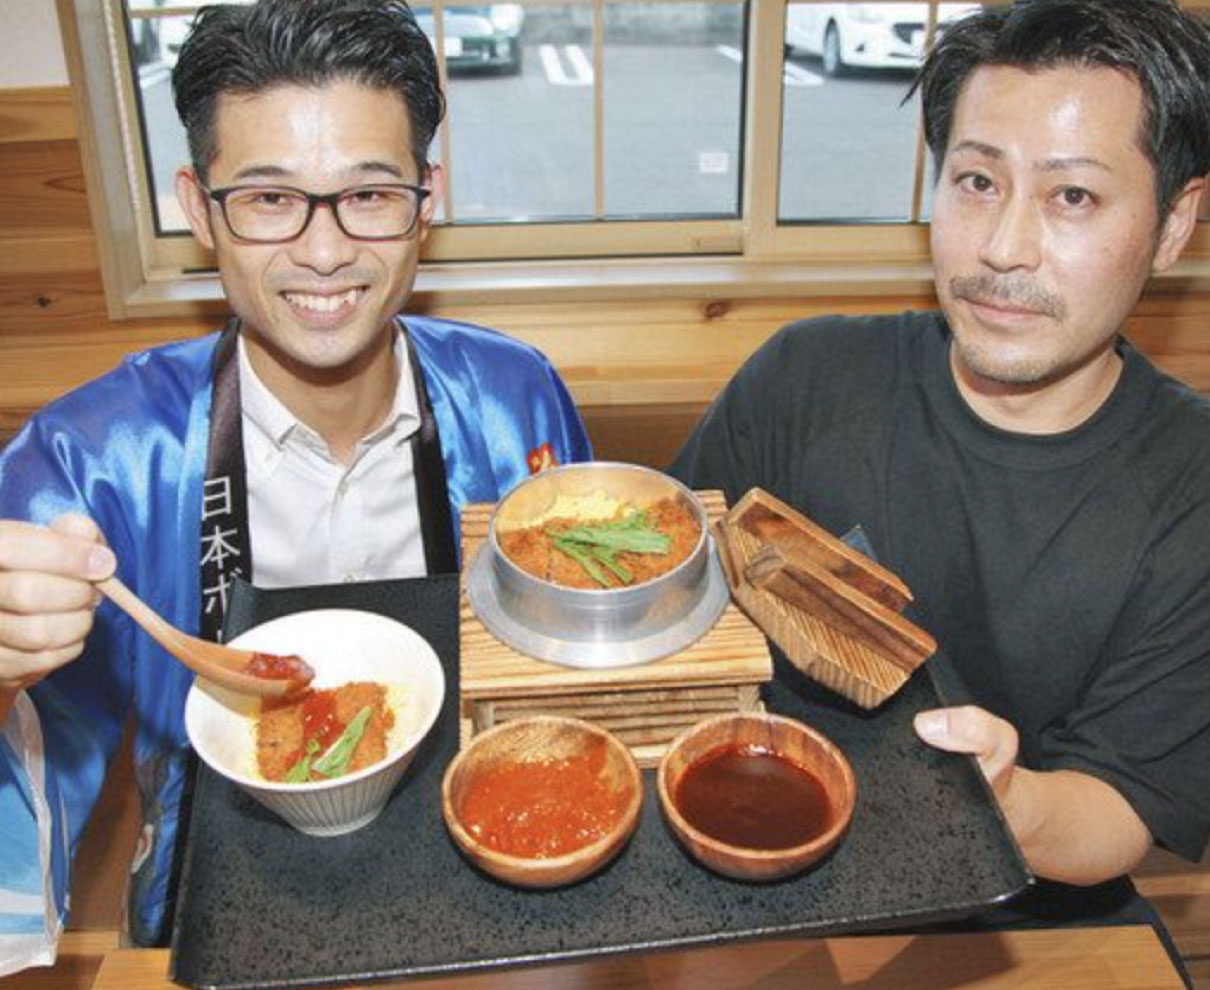 和と洋マッチ ボルガ釜めし 2種類のソースで 越前市の飲食店が考案